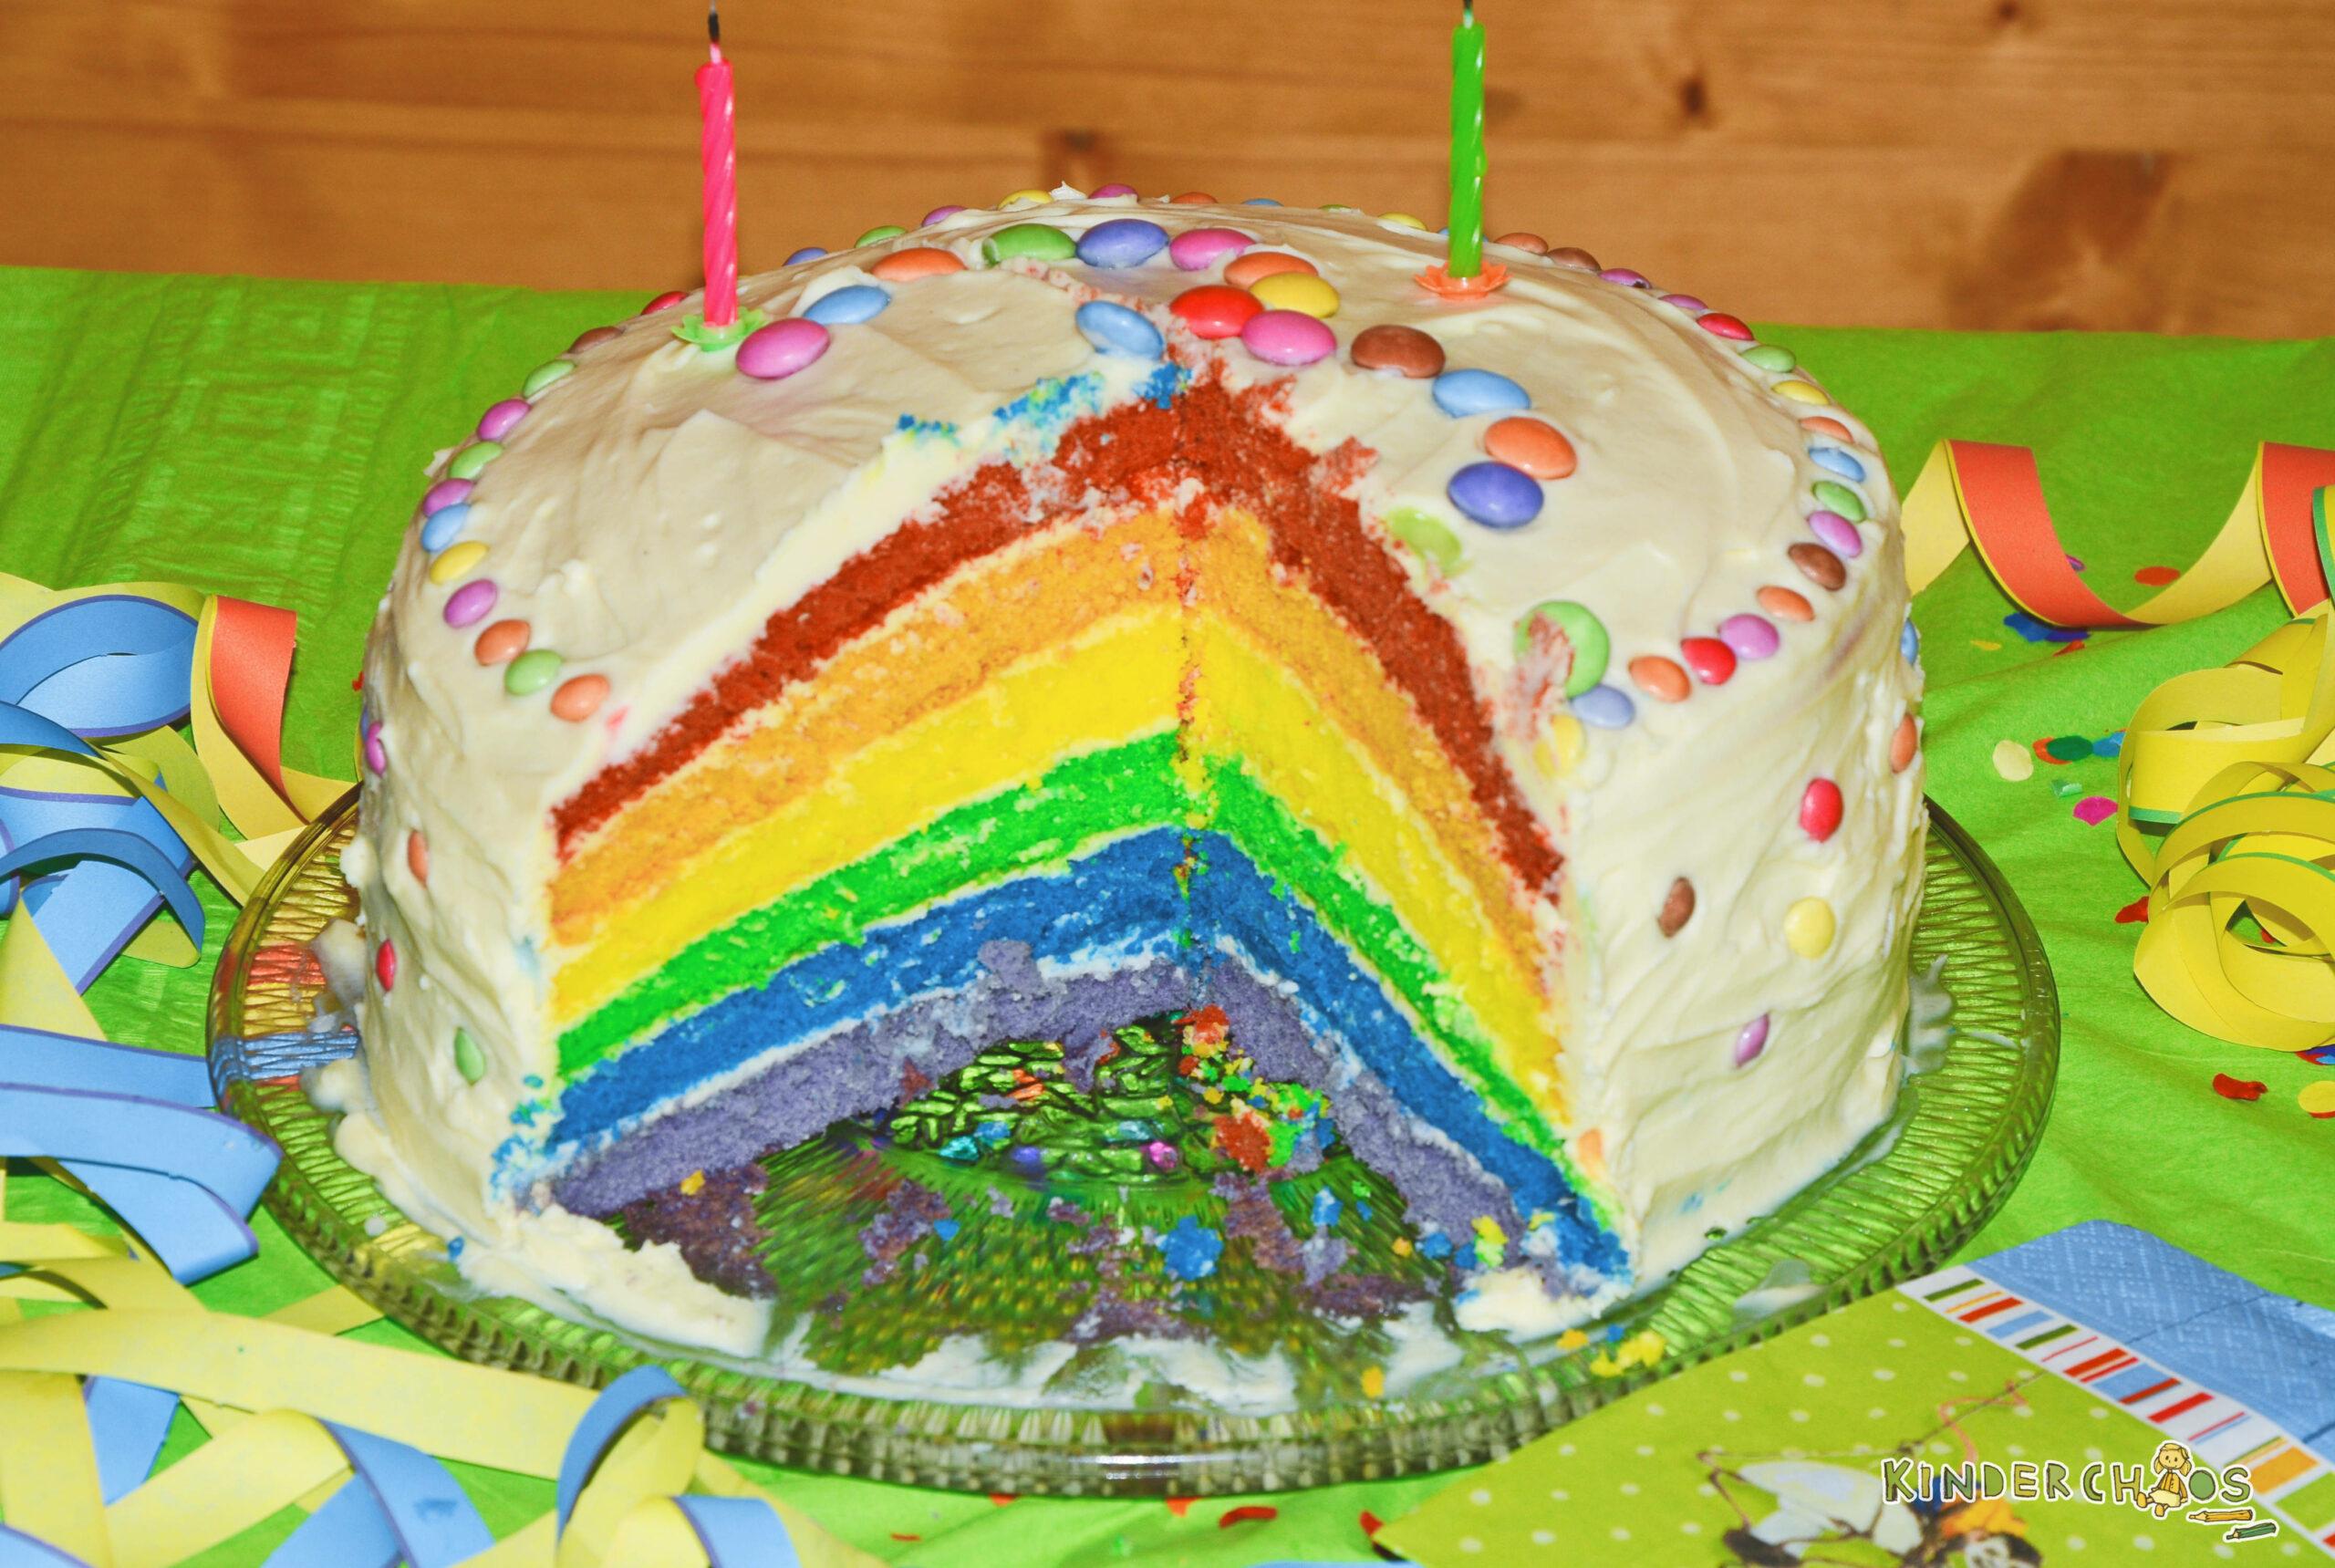 Regenbogentorte: Ein Geburtstagskuchen Wie Ein Regenbogen! mit Geburtstagstorte Für Kinder